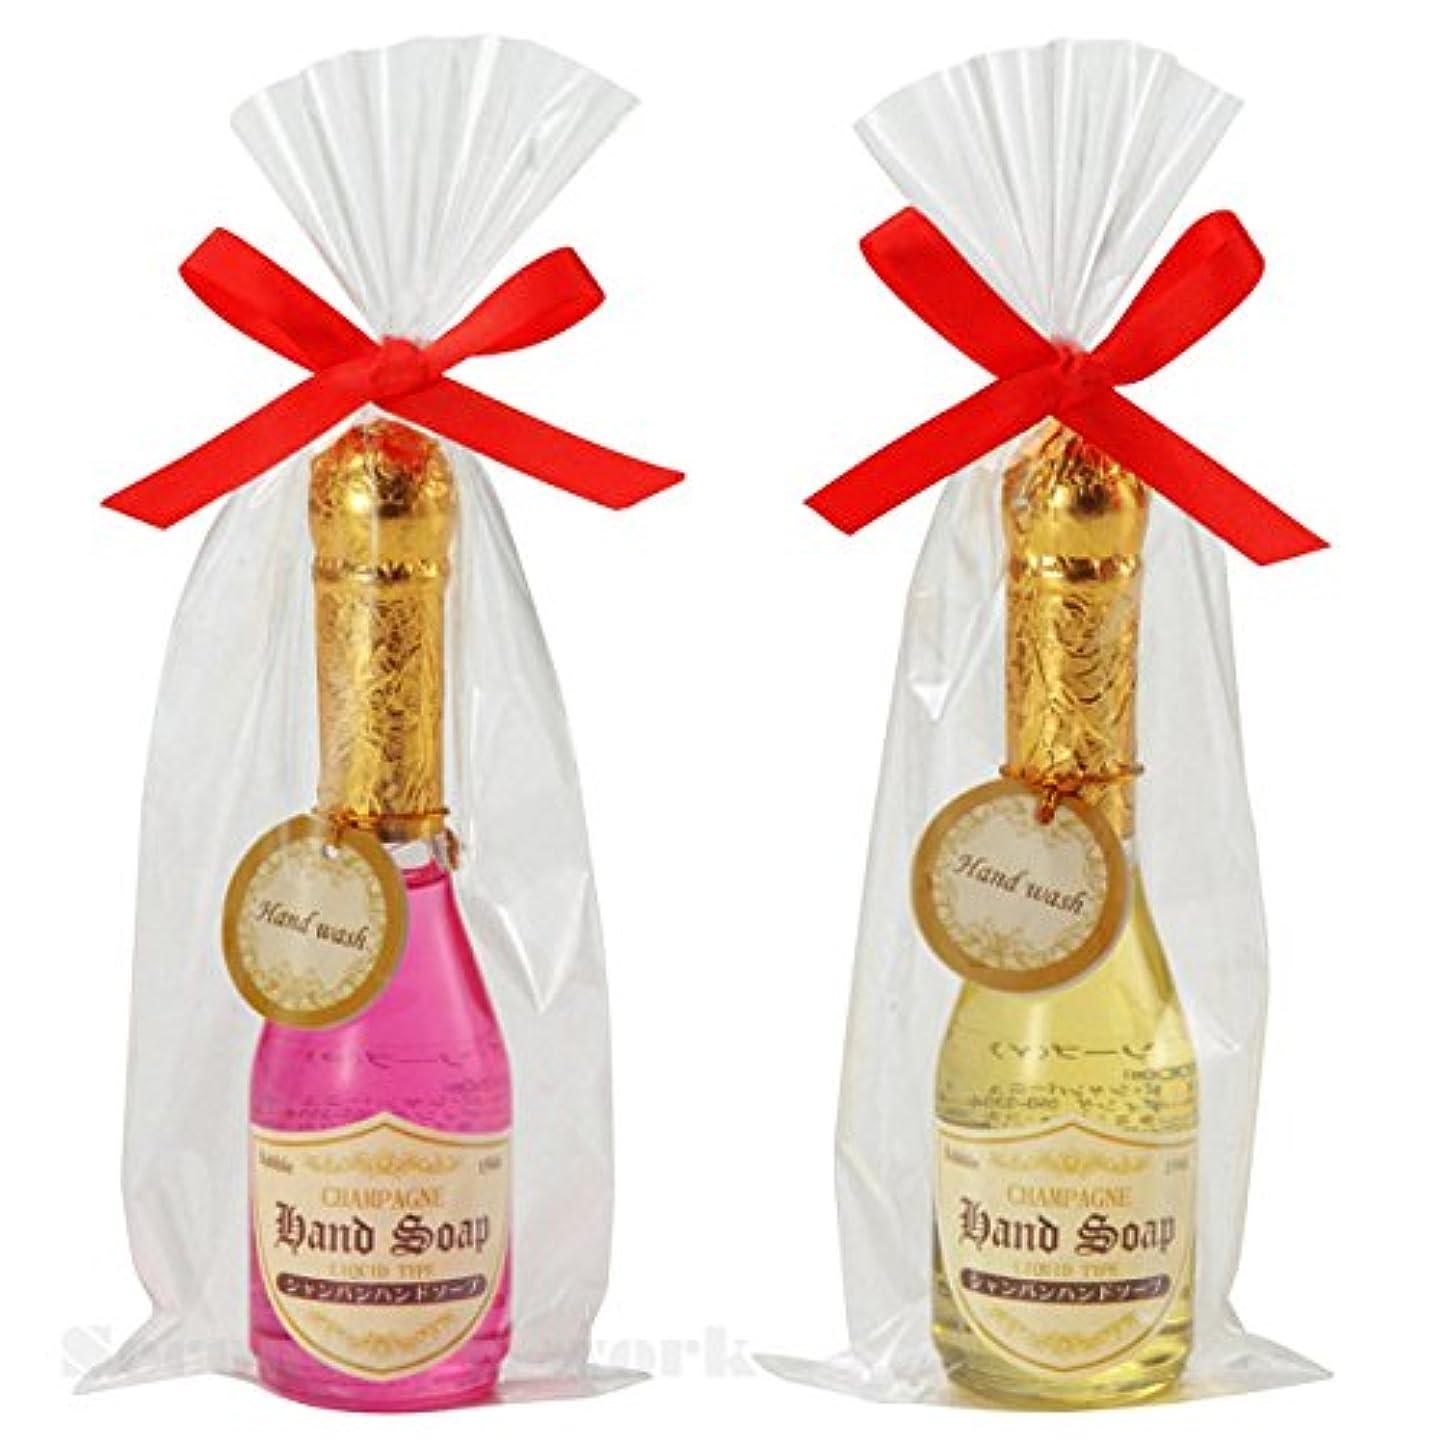 唯一サミュエル擁する【96本セット販売(2色取混ぜ)】シャンパンハンドソープ イエロー?ピンク2色取混ぜ